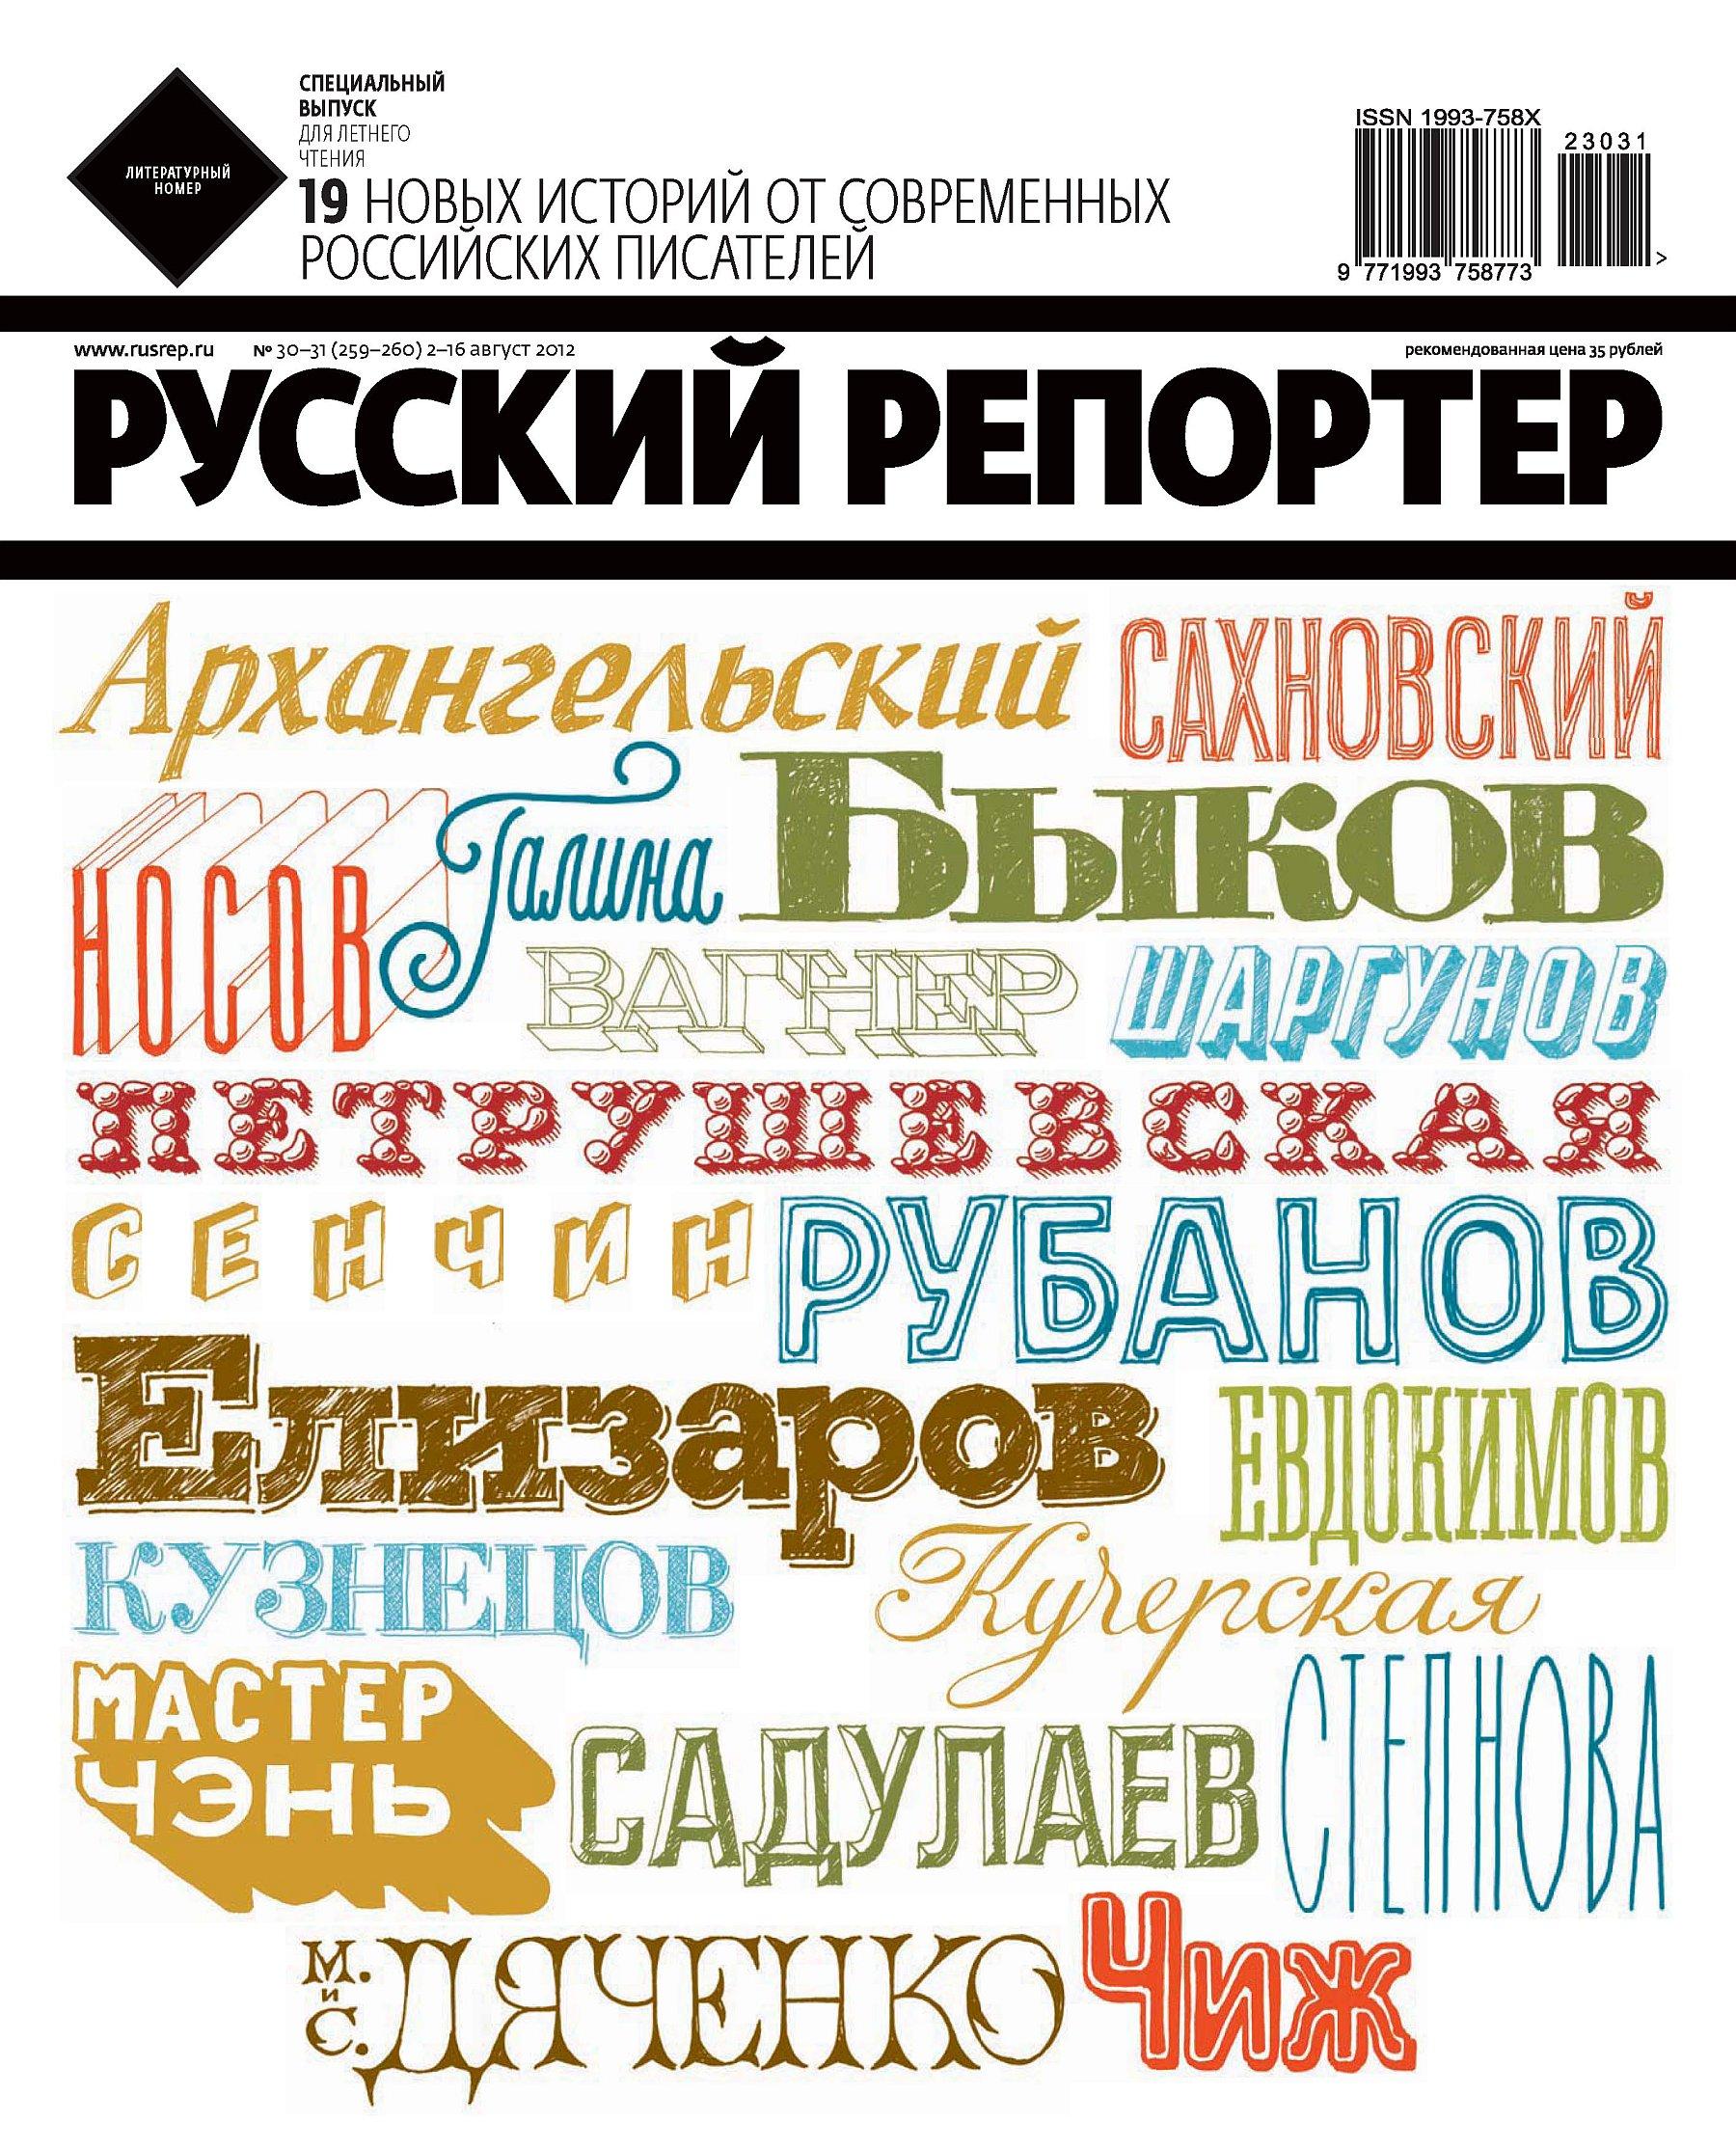 Фото - Отсутствует Русский Репортер №30-31/2012 отсутствует русский репортер 15 2012